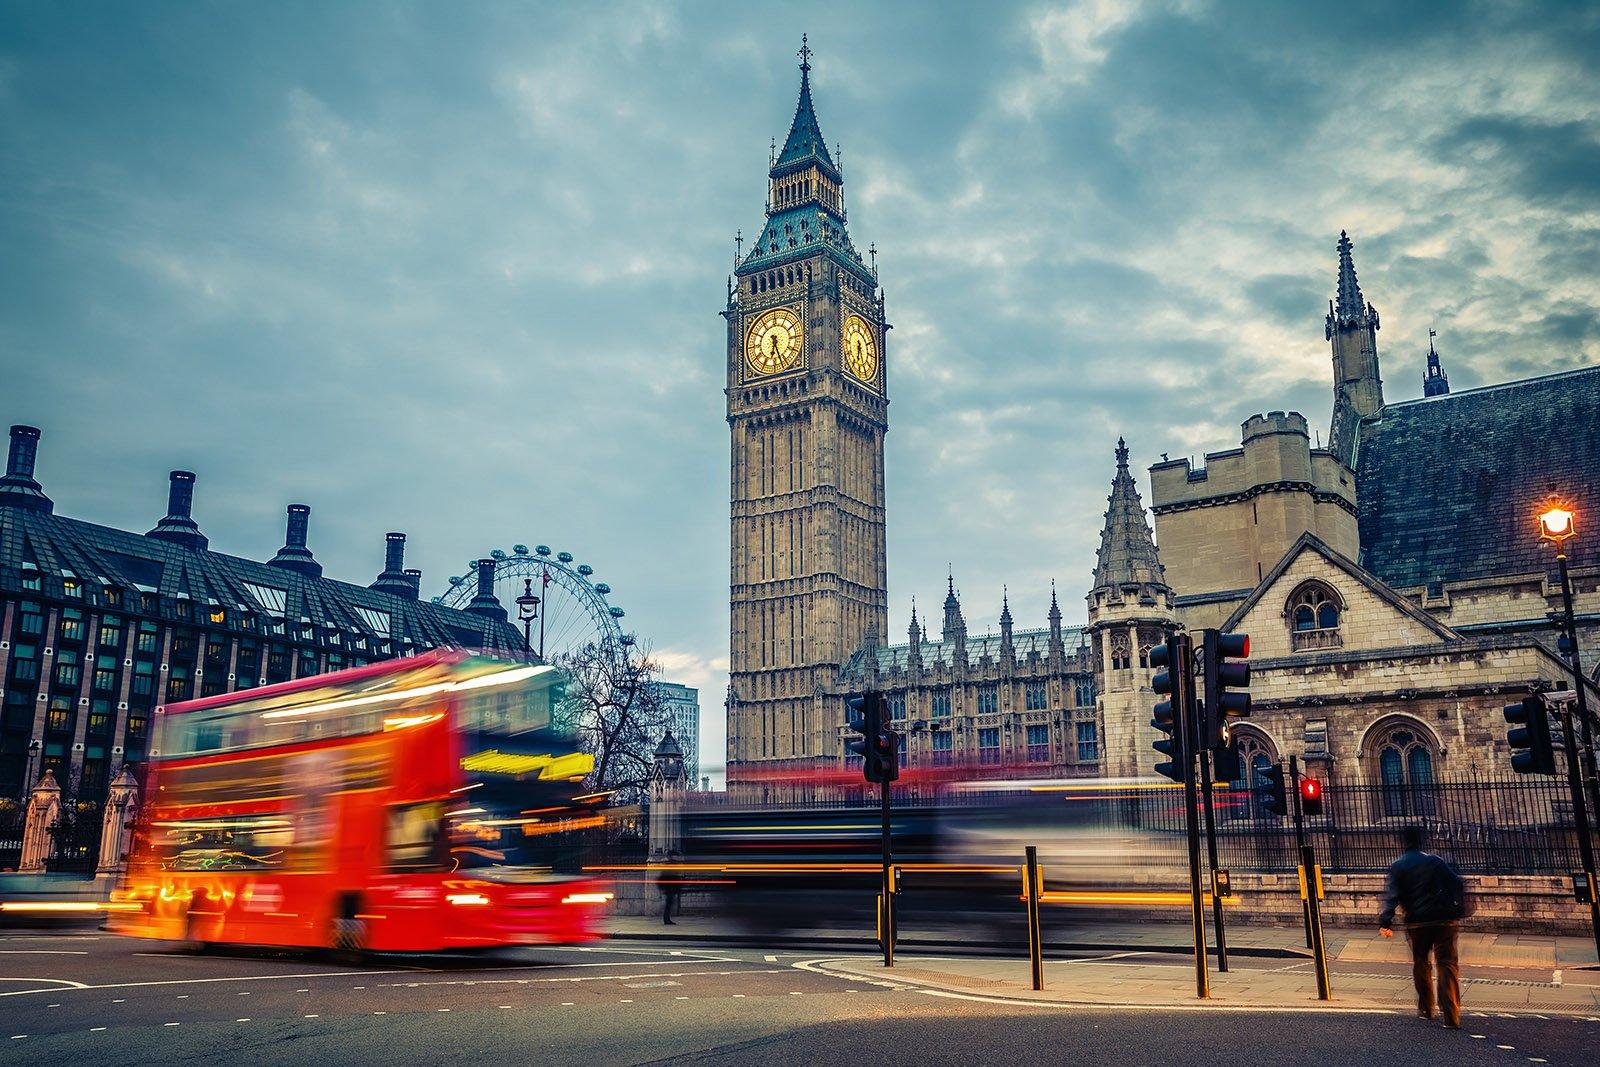 Best Casinos in the UK - London © Shutterstock